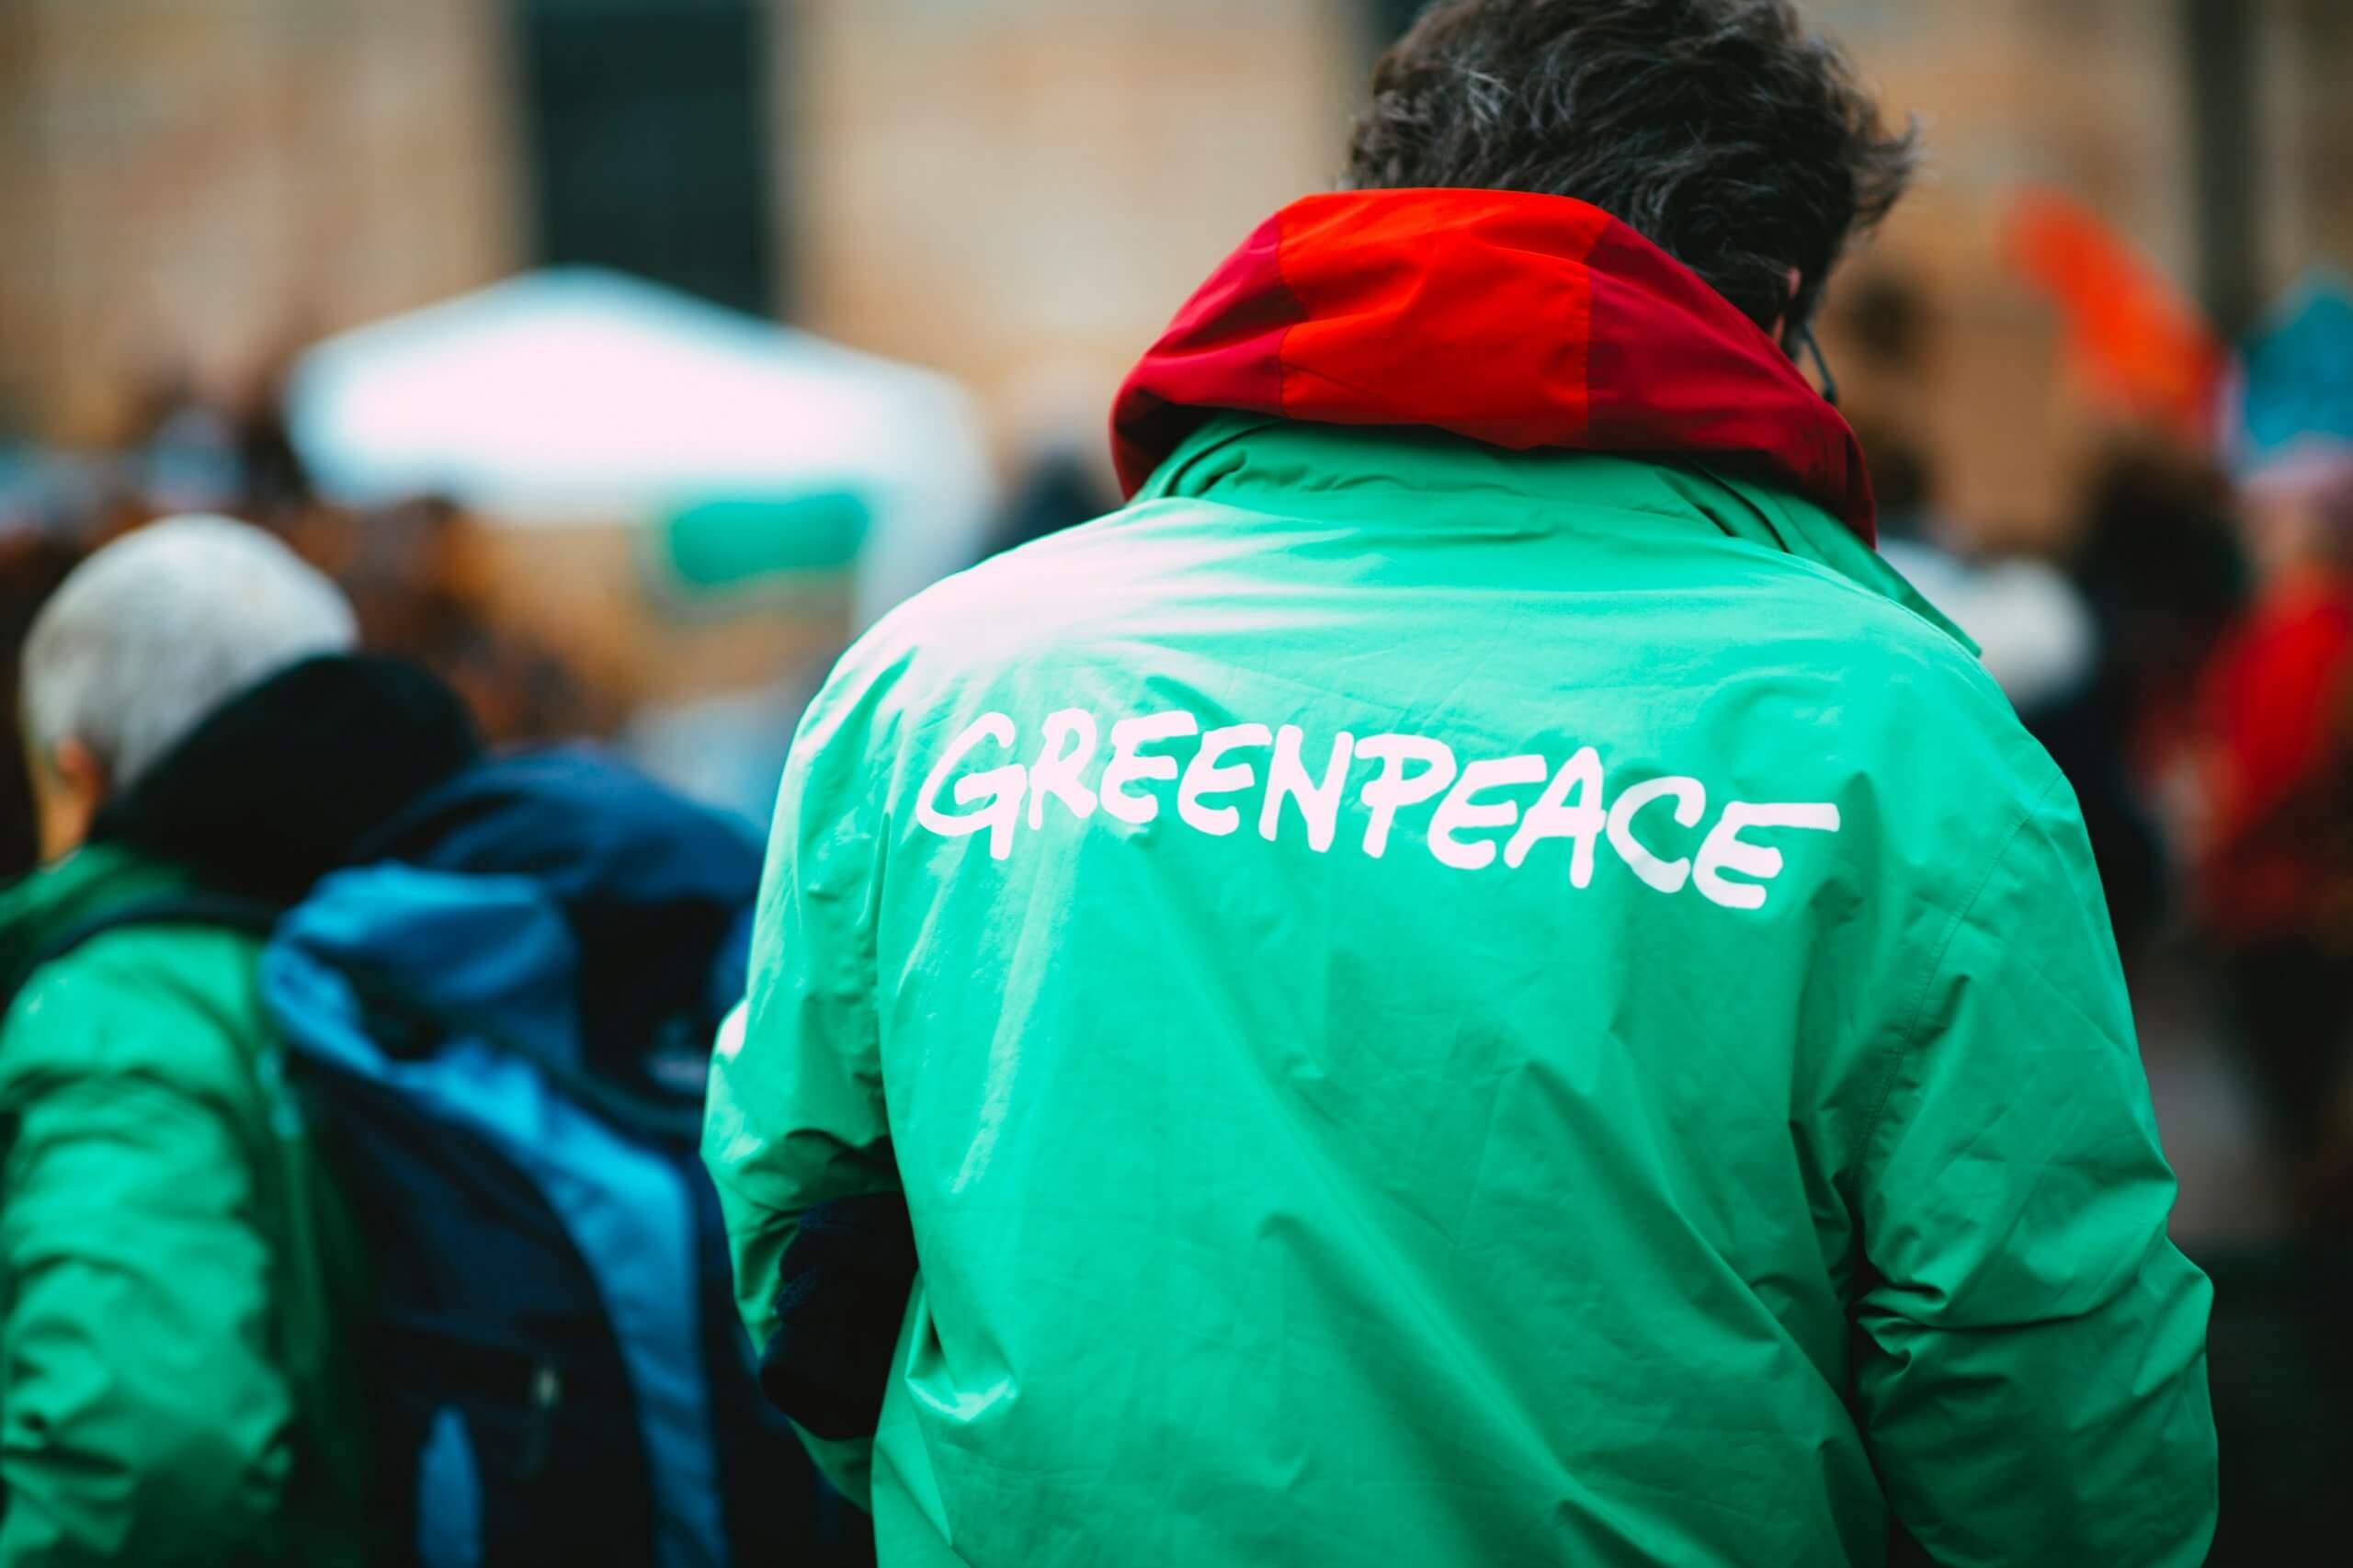 Bénévole pour GreenPeace